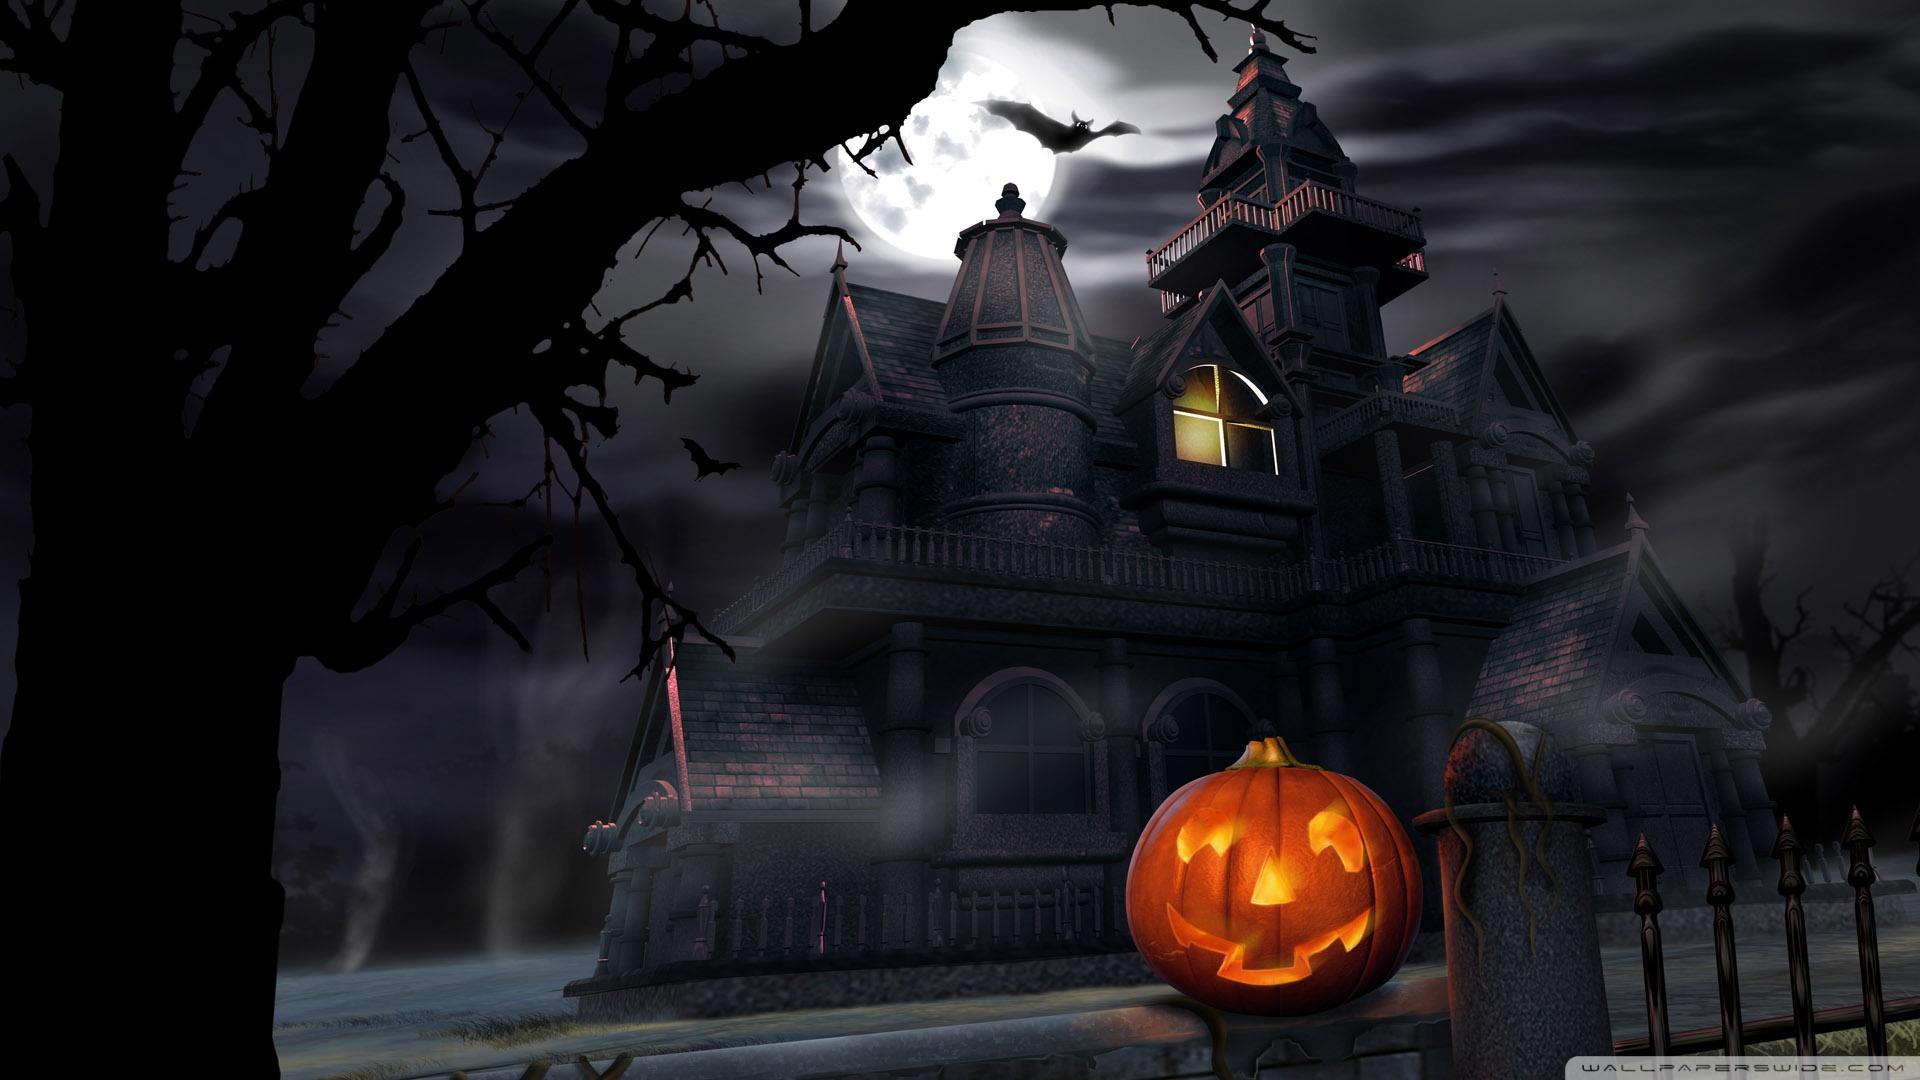 Stunning HD Wallpapers For Your Desktop #56: Happy Halloween